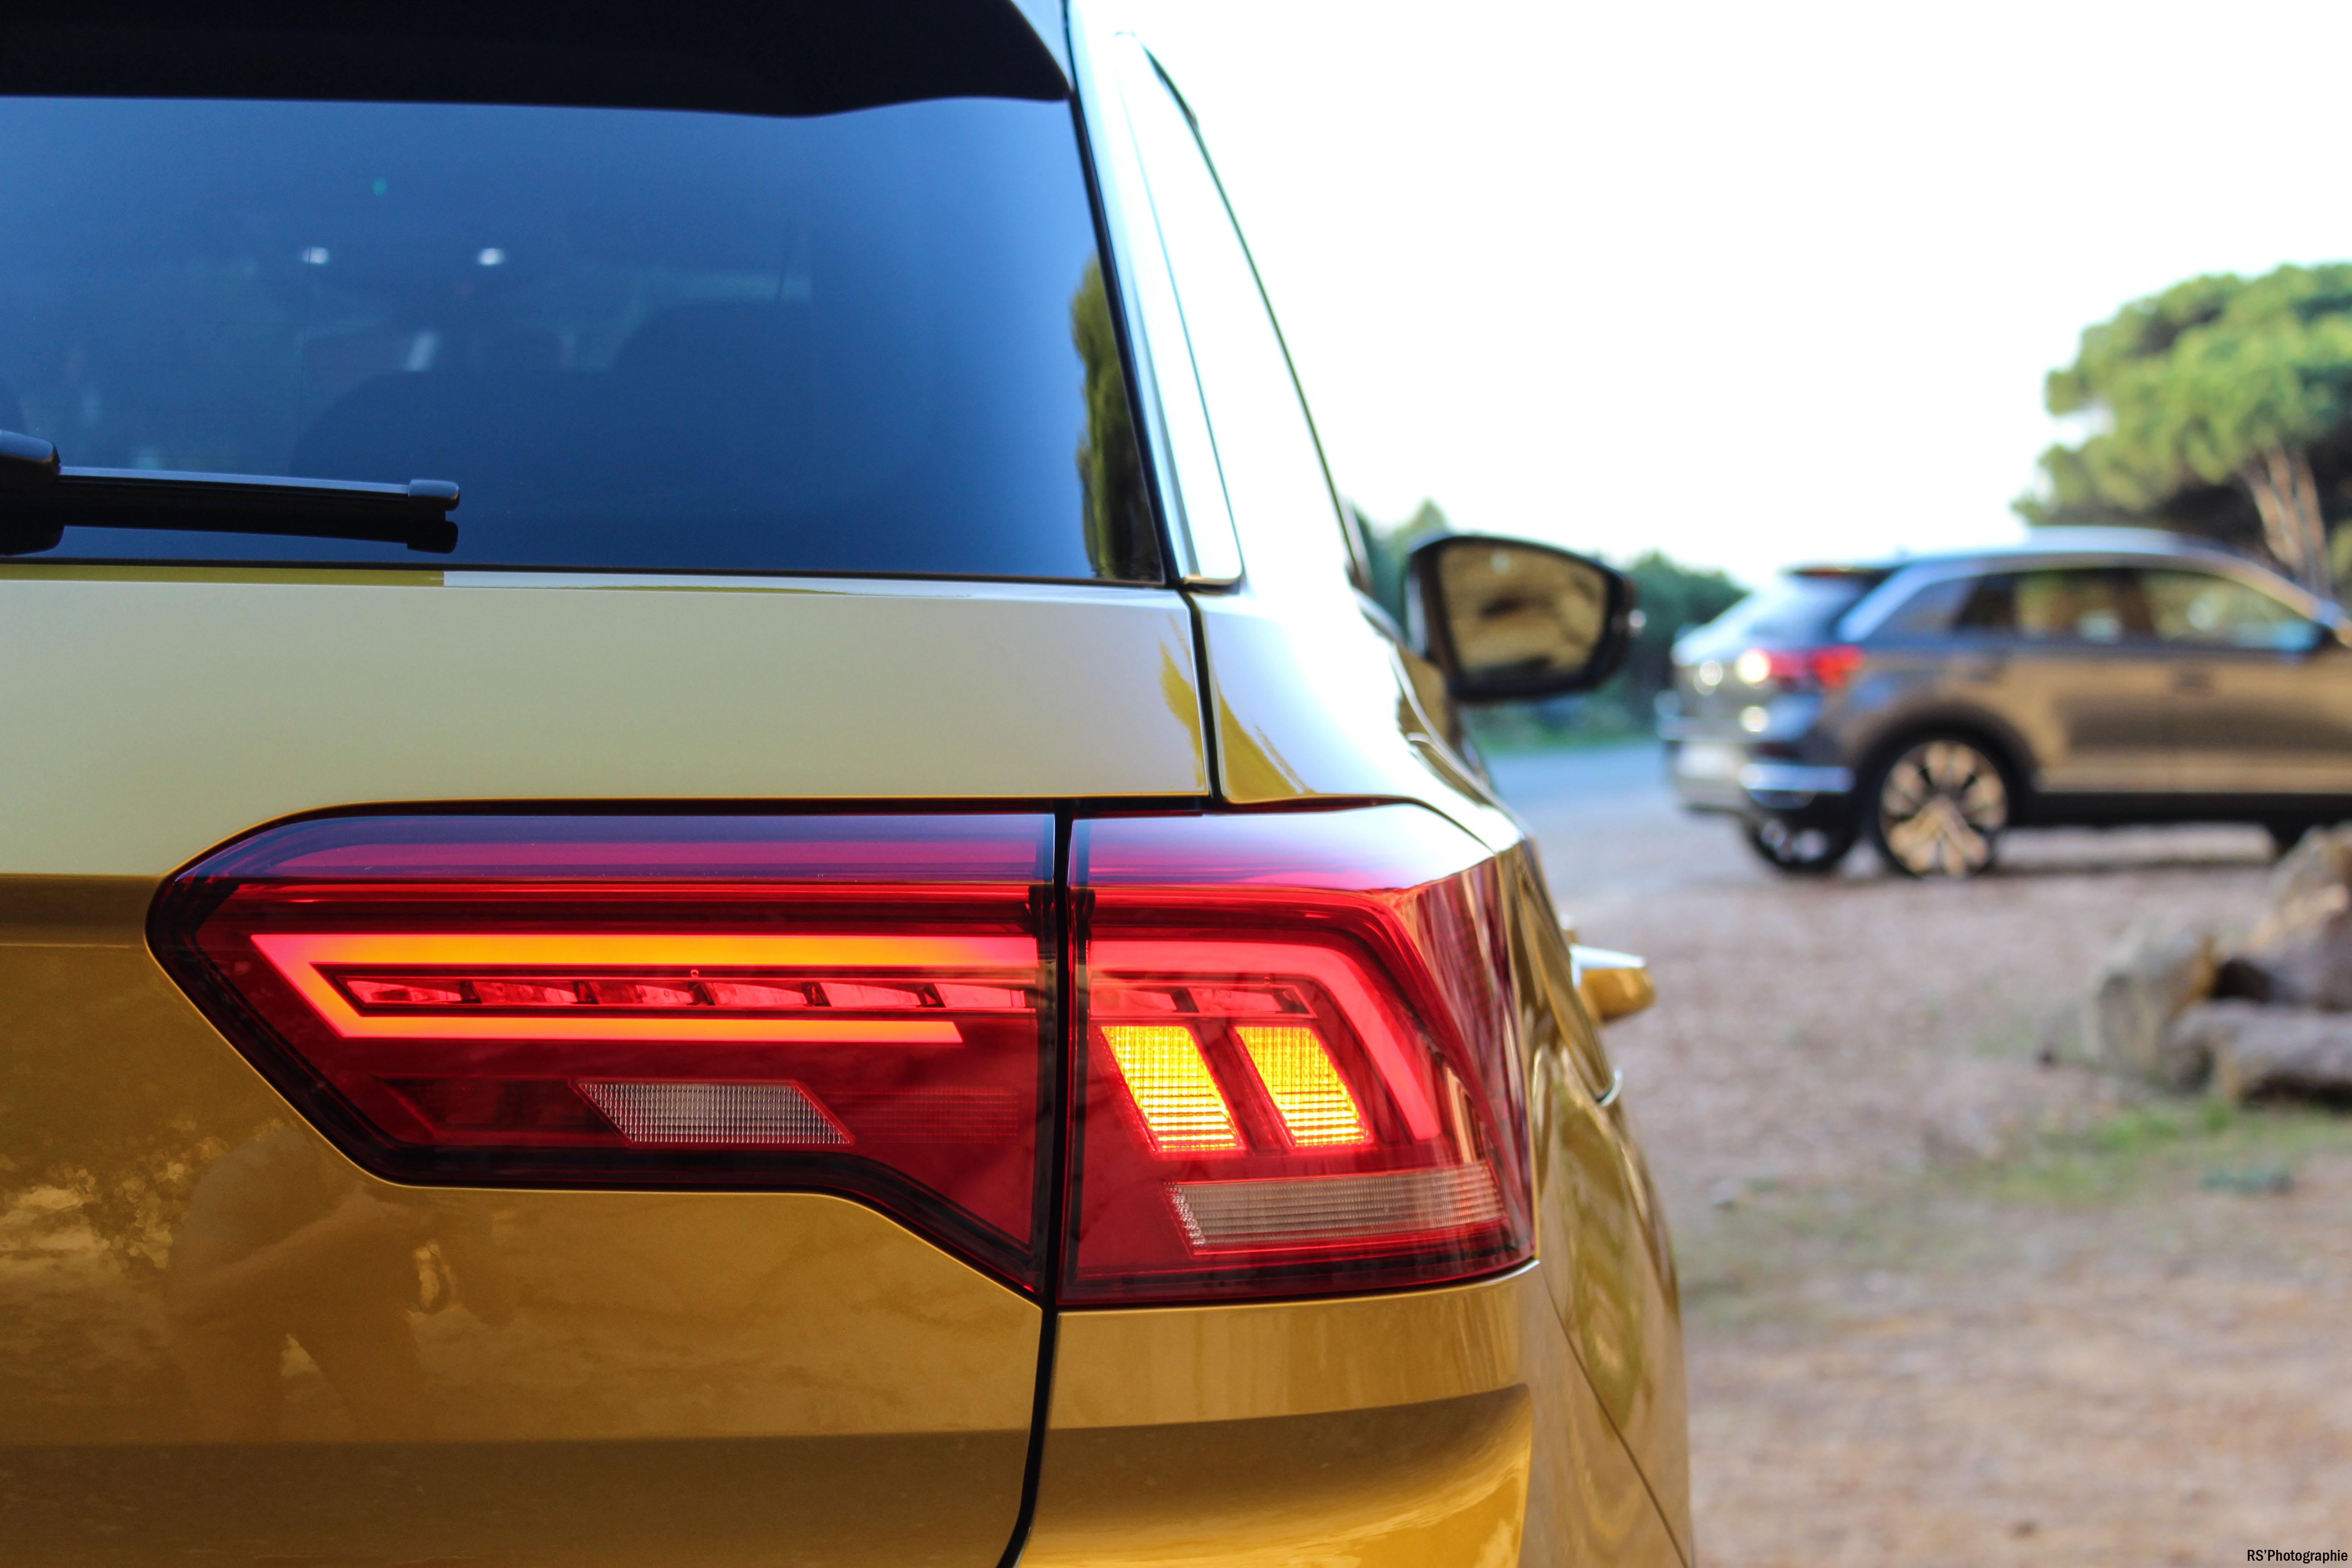 Volkswagentroc77-vw-t-roc-arrière-rear-Arnaud Demasier-RSPhotographie